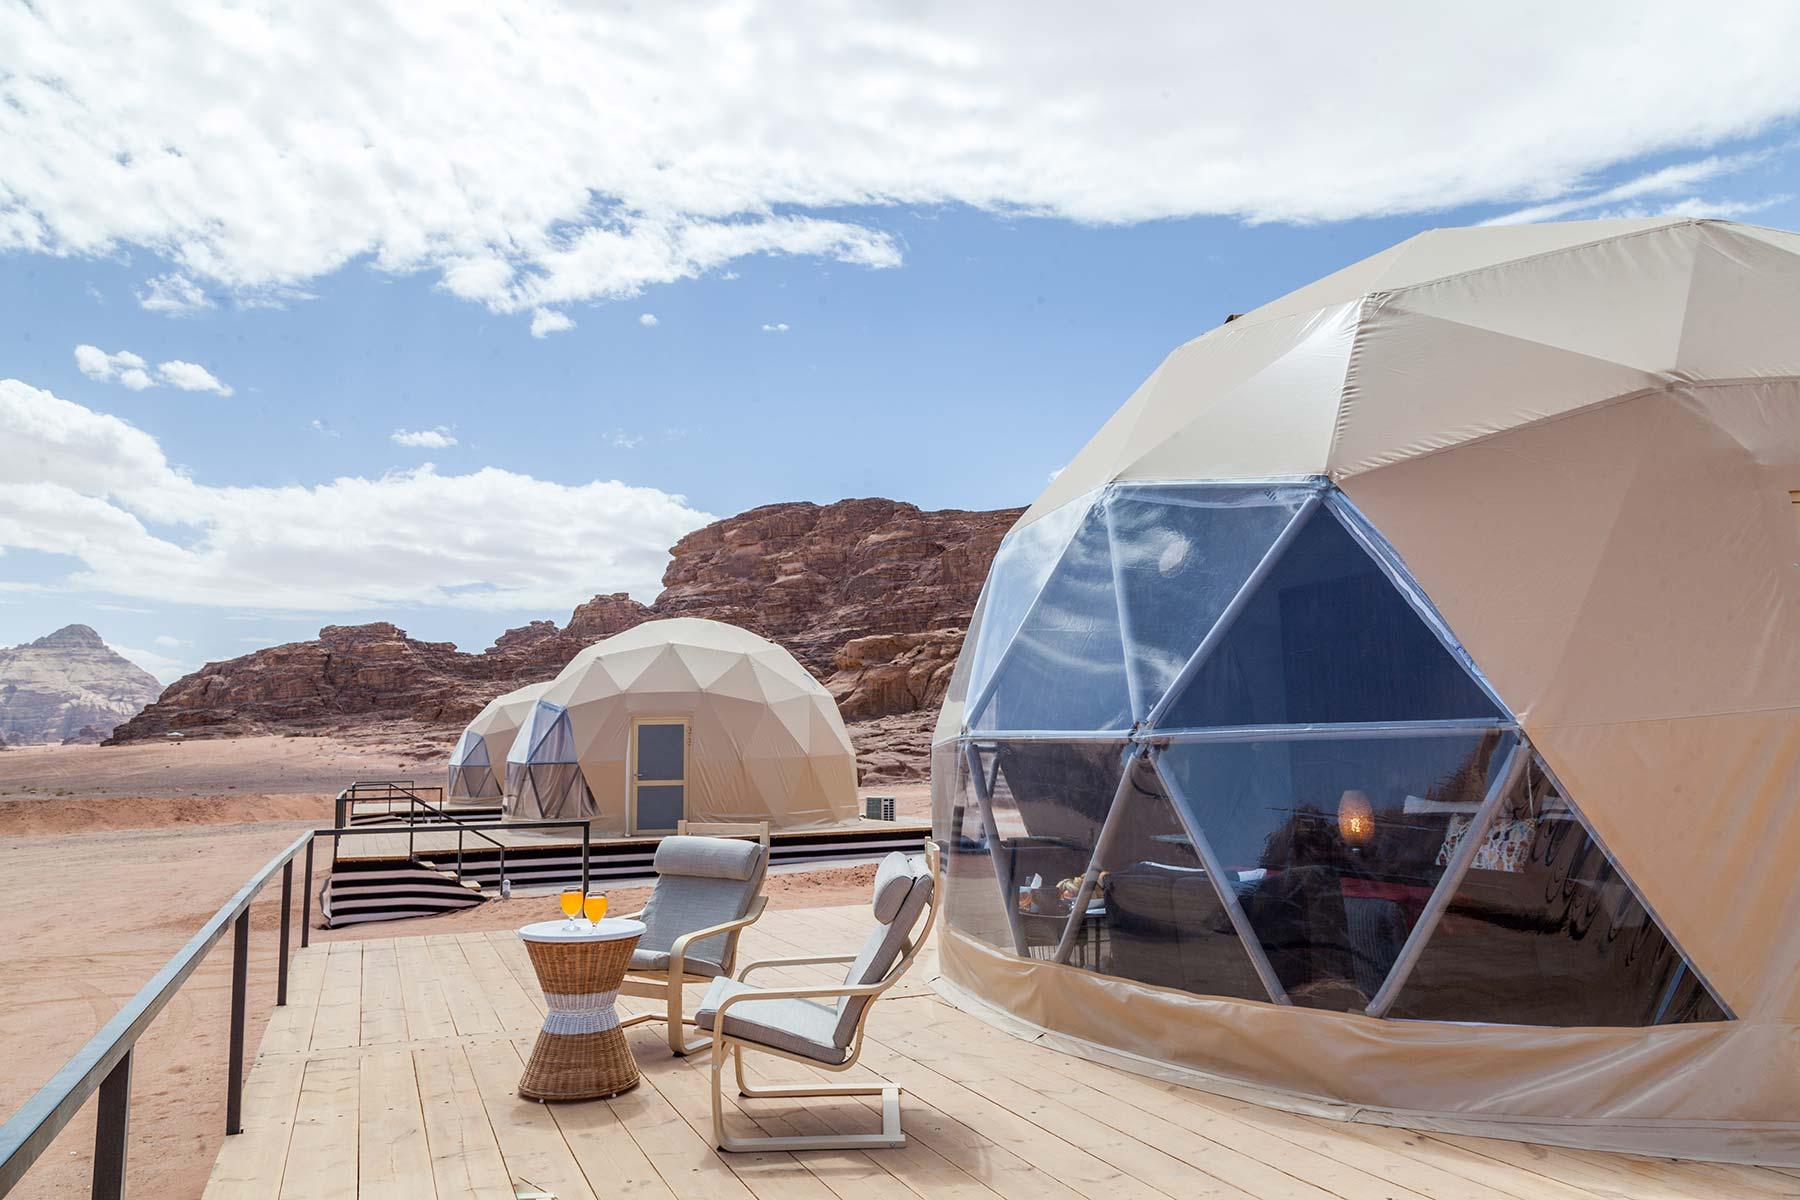 Sun City Camp im Wadi Rum Zelt von aussen